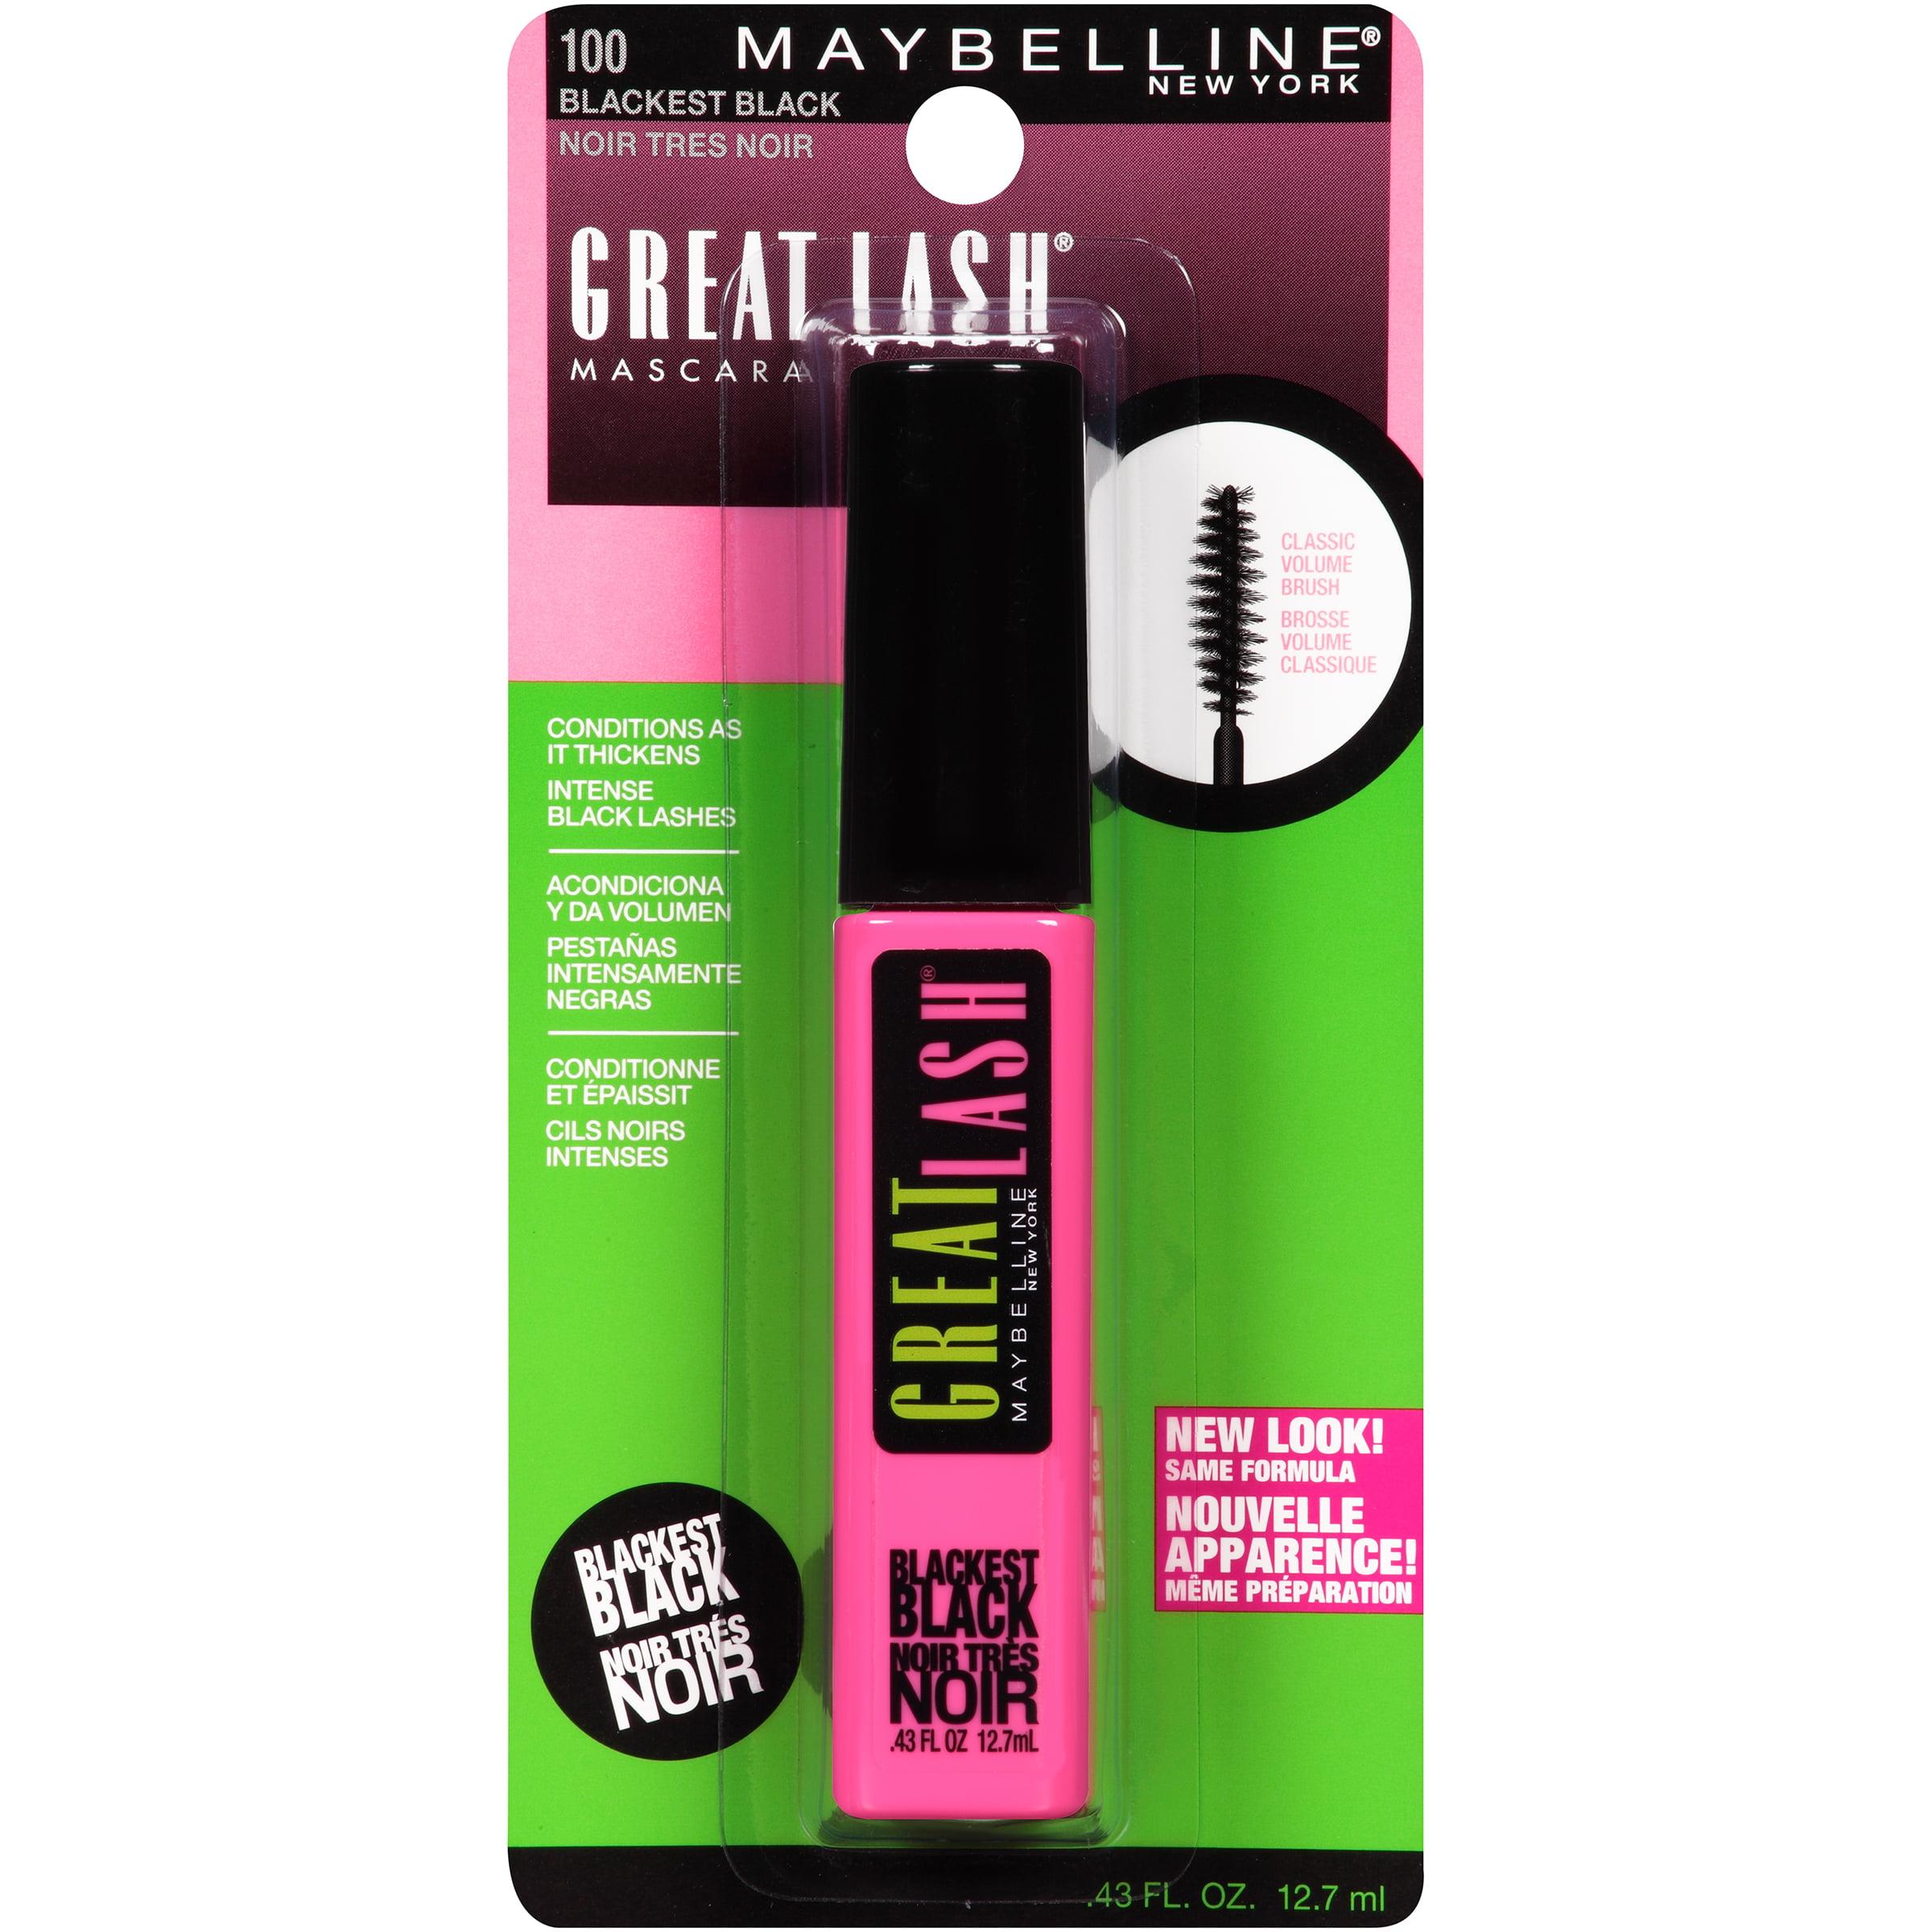 a84845a9c90 Maybelline New York Great Lash Washable Mascara, Blackest Black, .43 fl oz  - Walmart.com